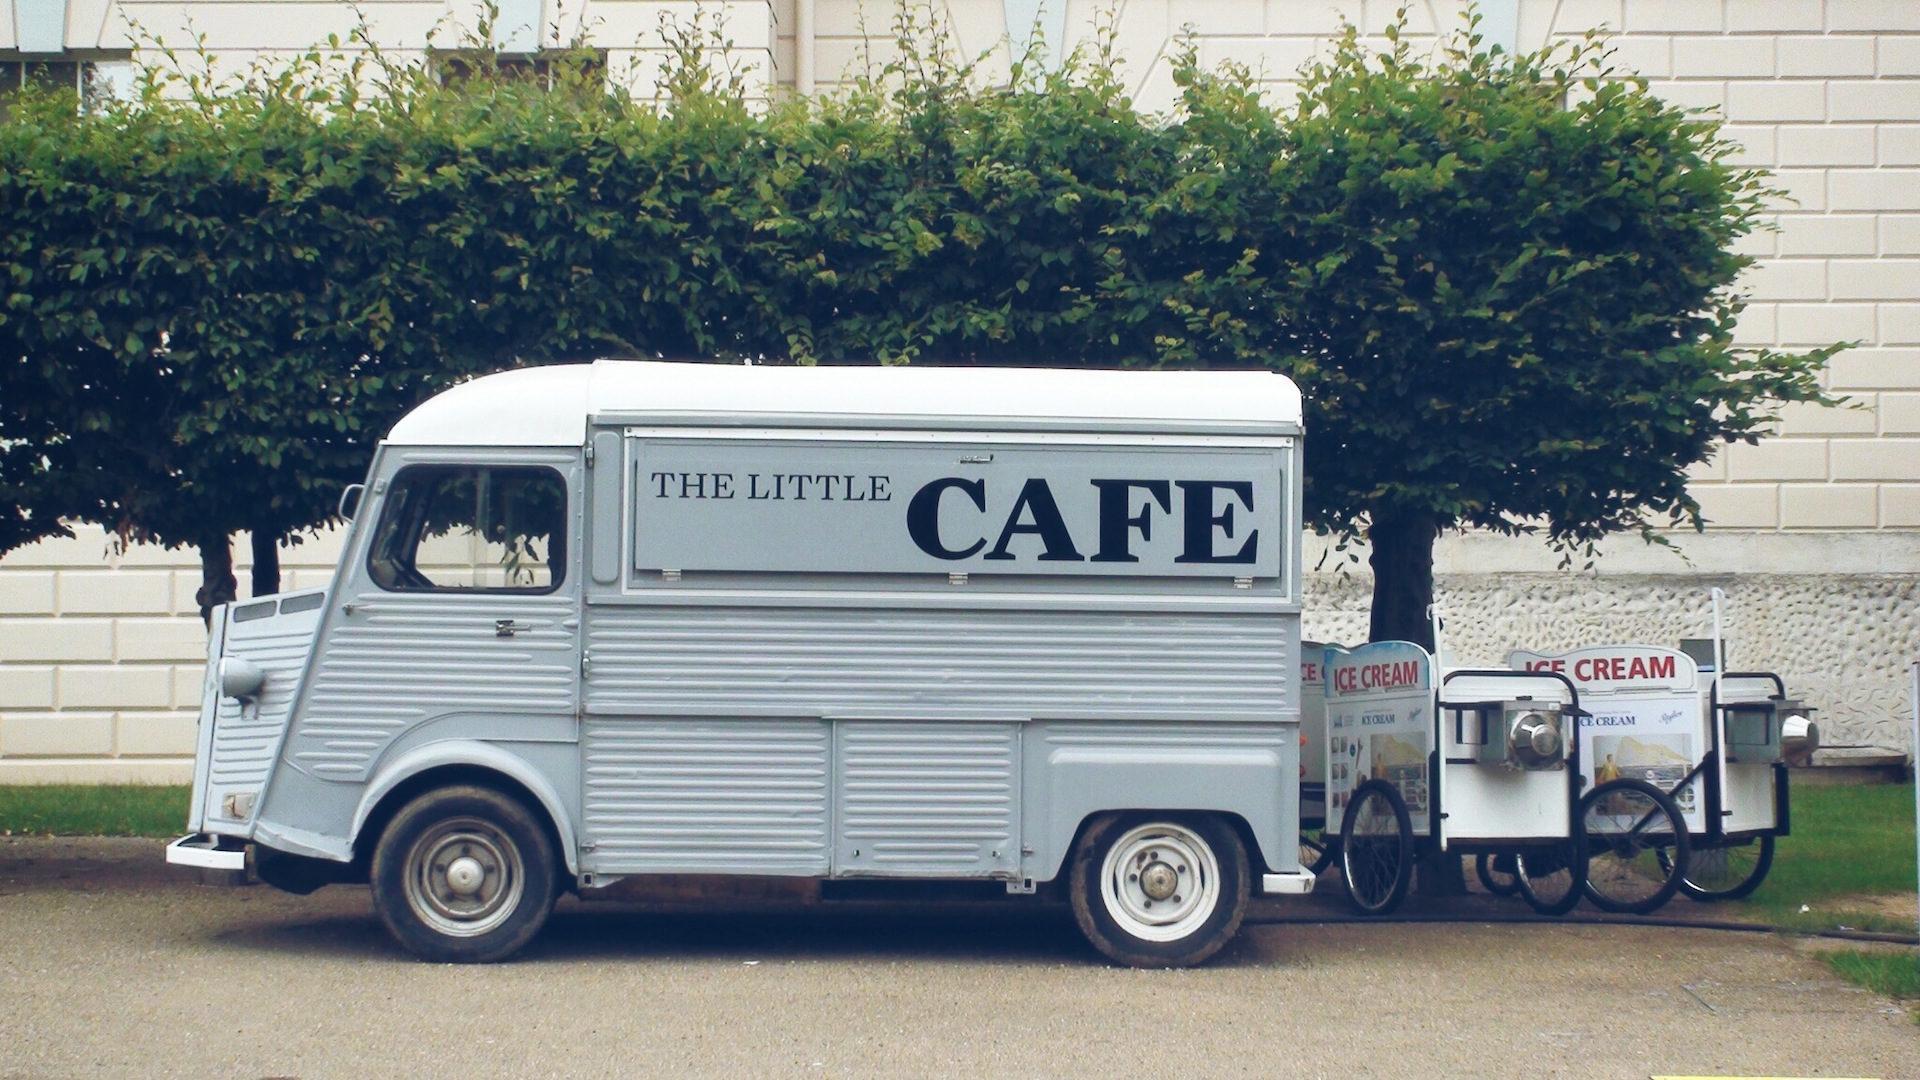 Van, Cafe, café, entreprise, arbres - Fonds d'écran HD - Professor-falken.com